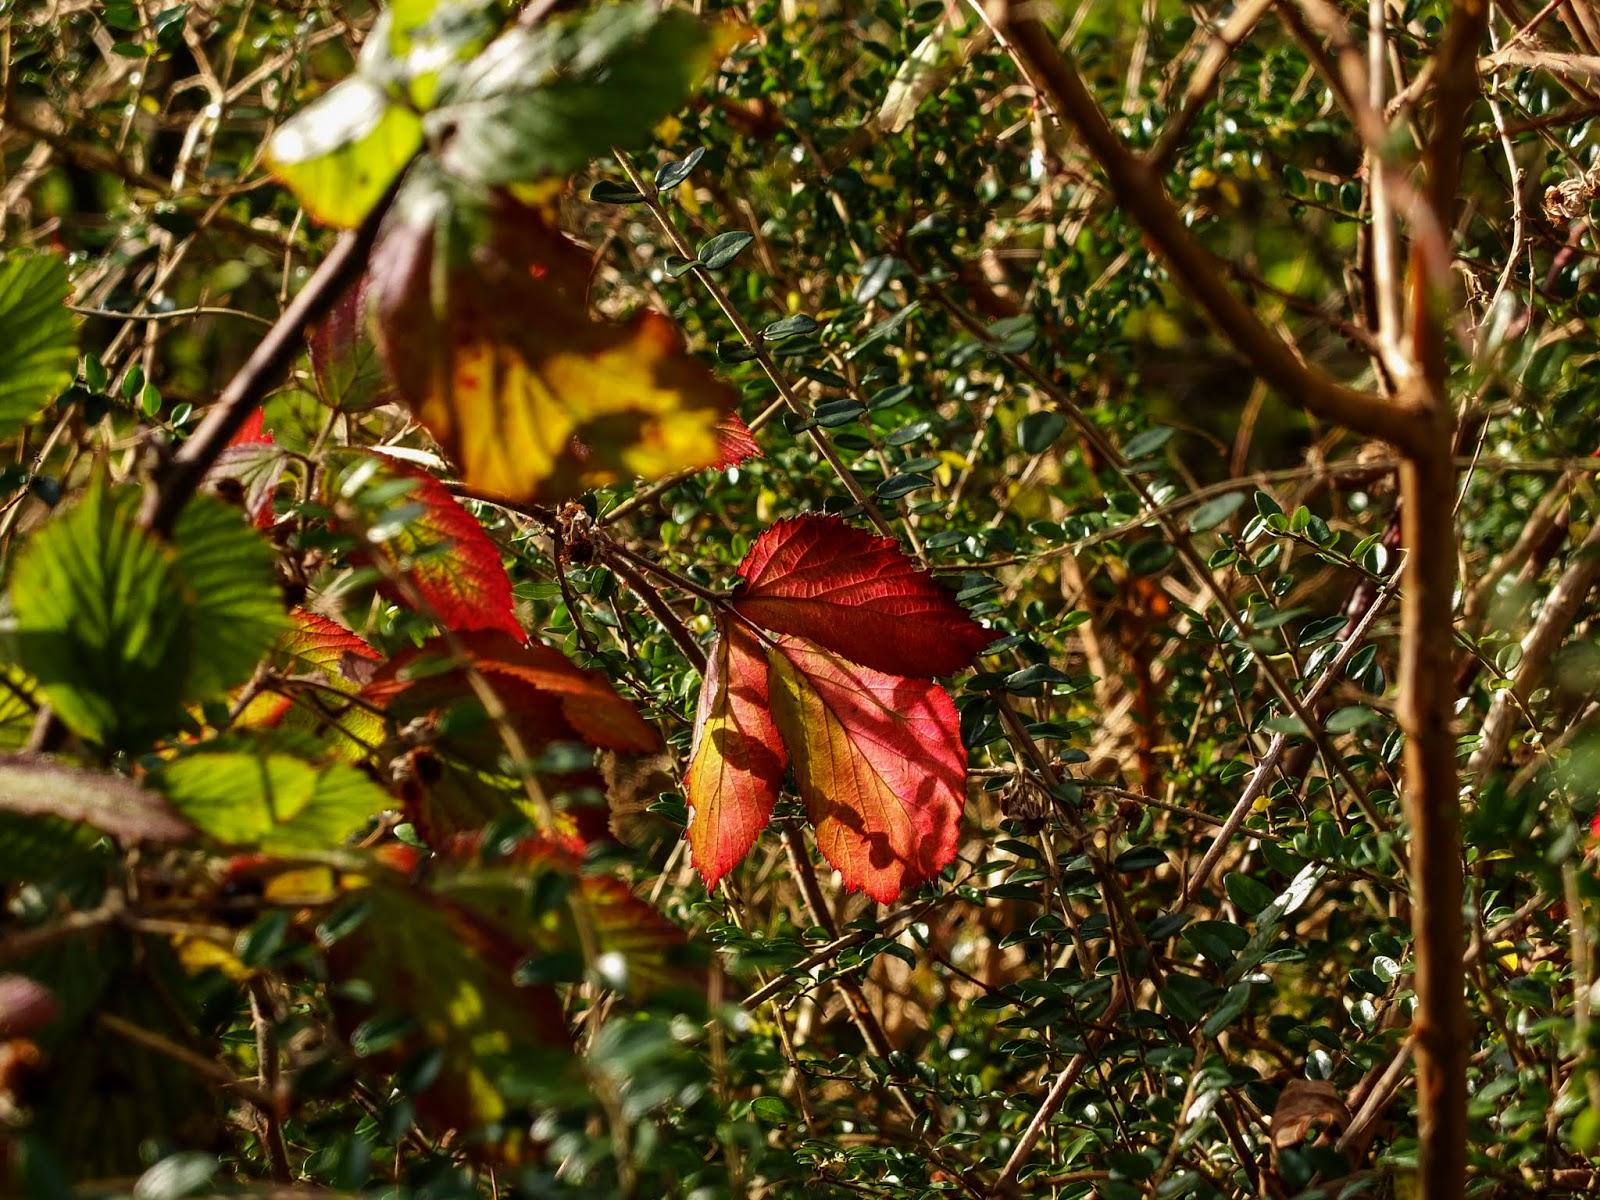 Read blackberry leaves in sunlight.